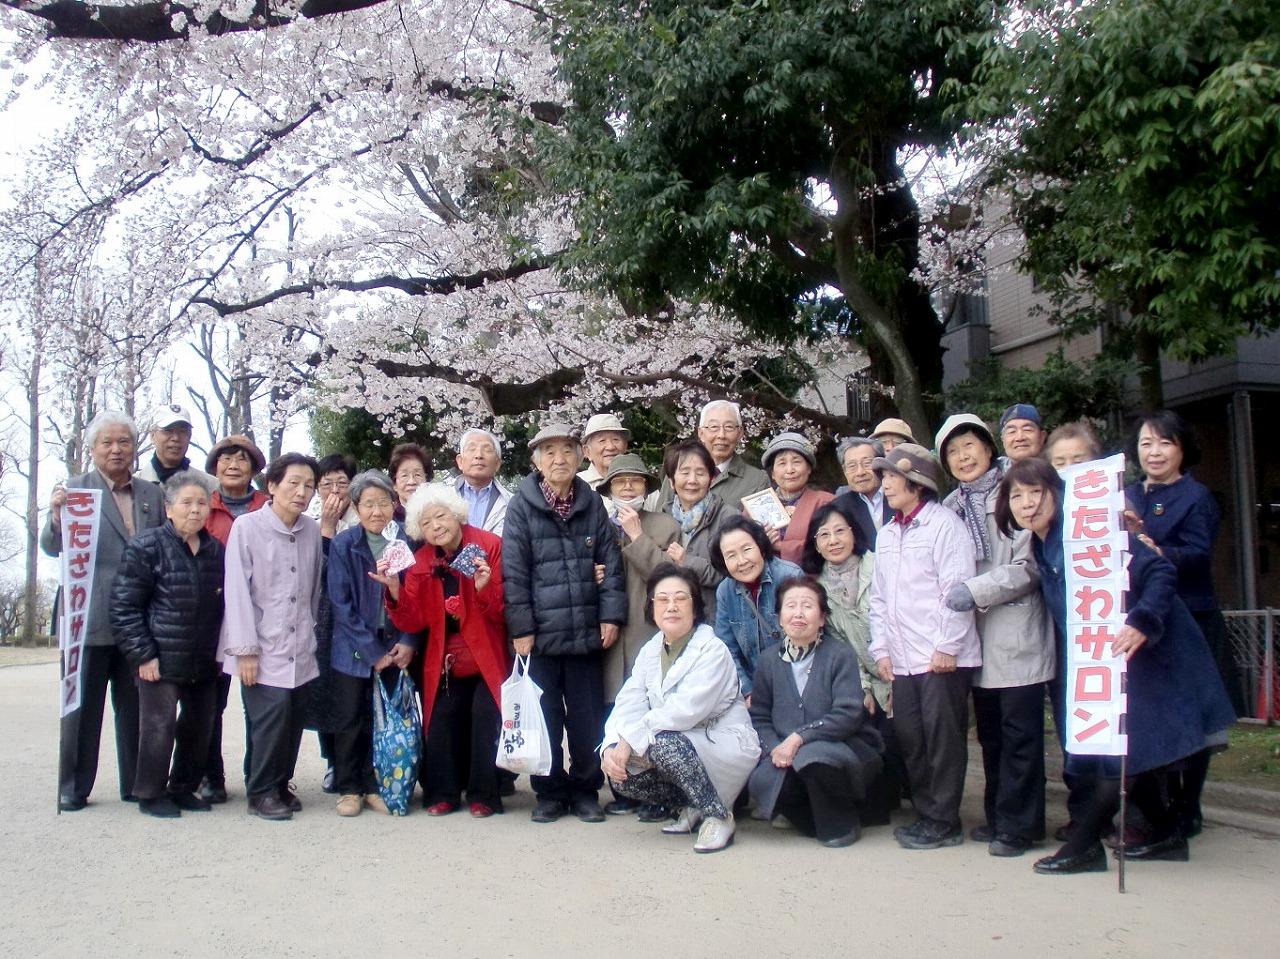 5kitazawasalon